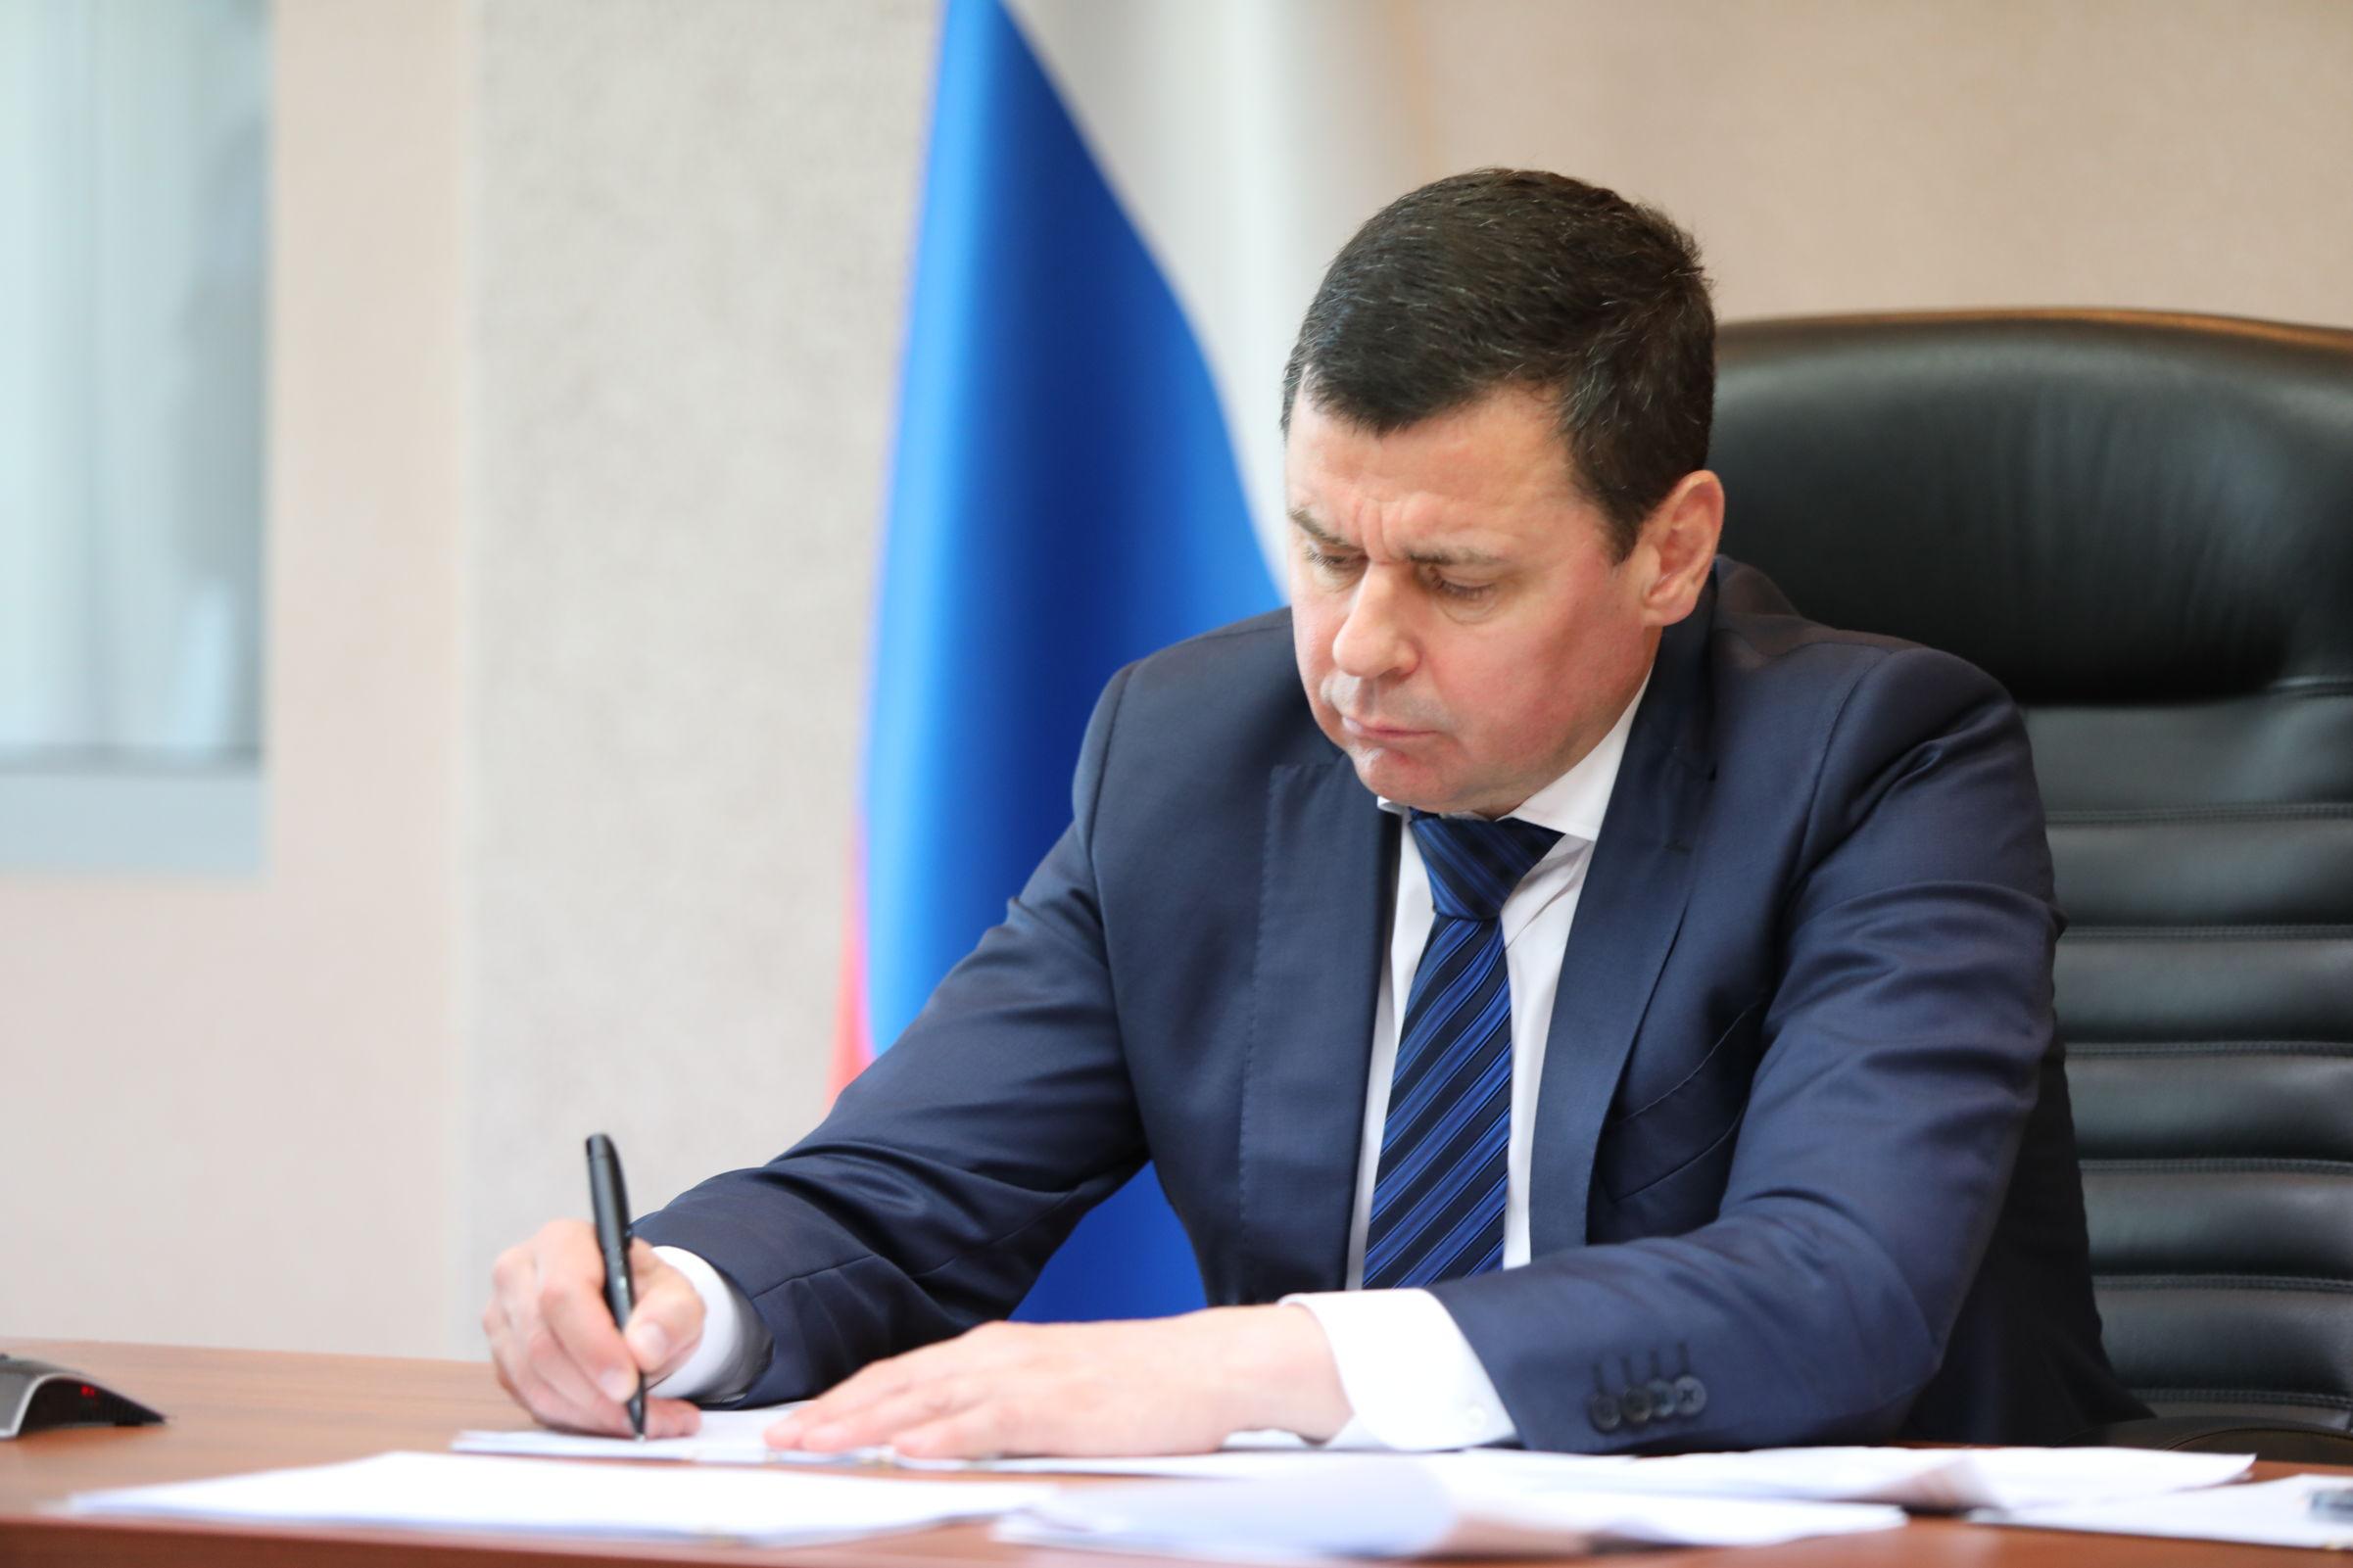 Ярославская область – на третьей позиции в рейтинге получения паспортов готовности к отопительному сезону среди регионов ЦФО